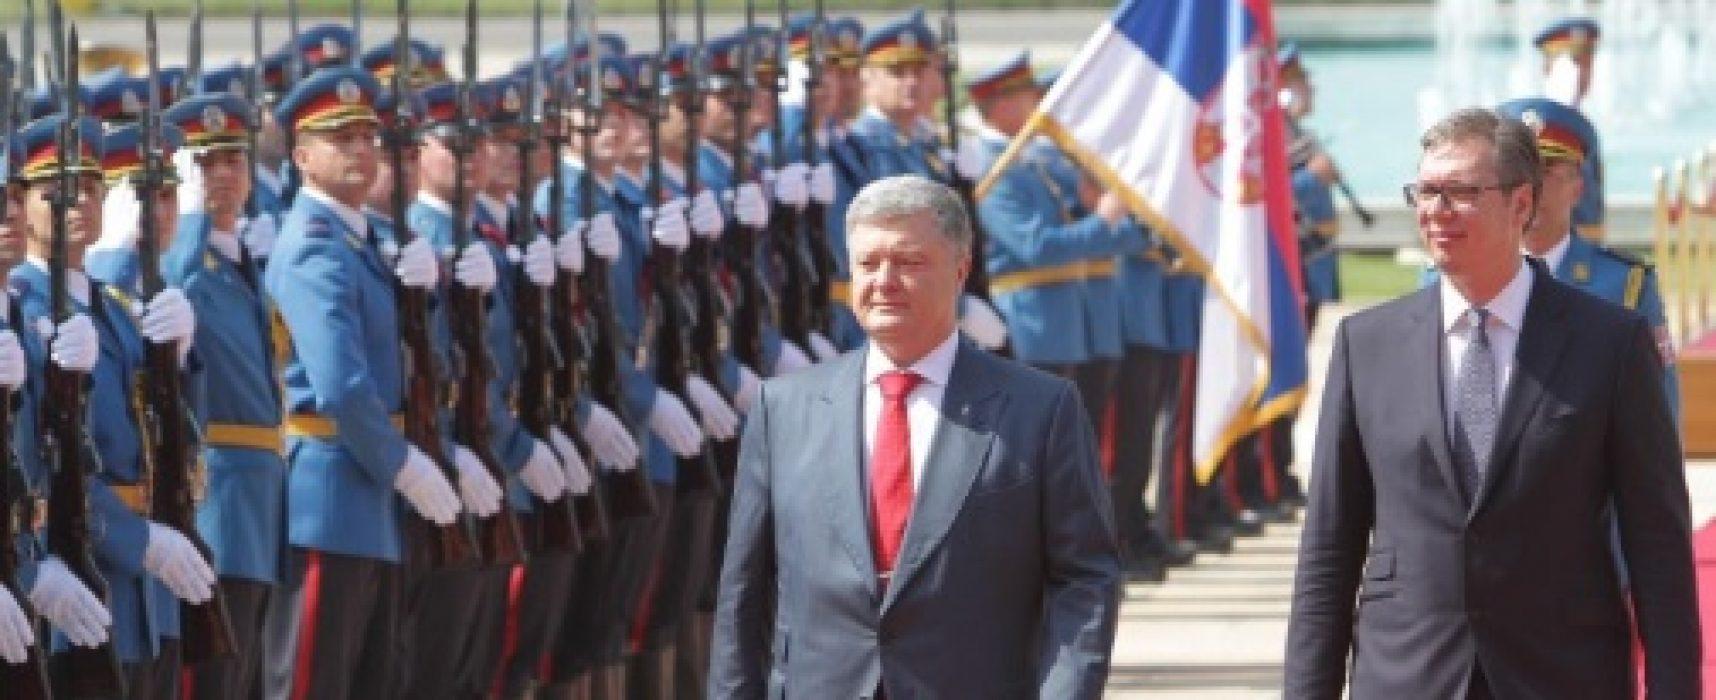 Porošenko u Beogradu – hoće li se Moskva naljutiti?